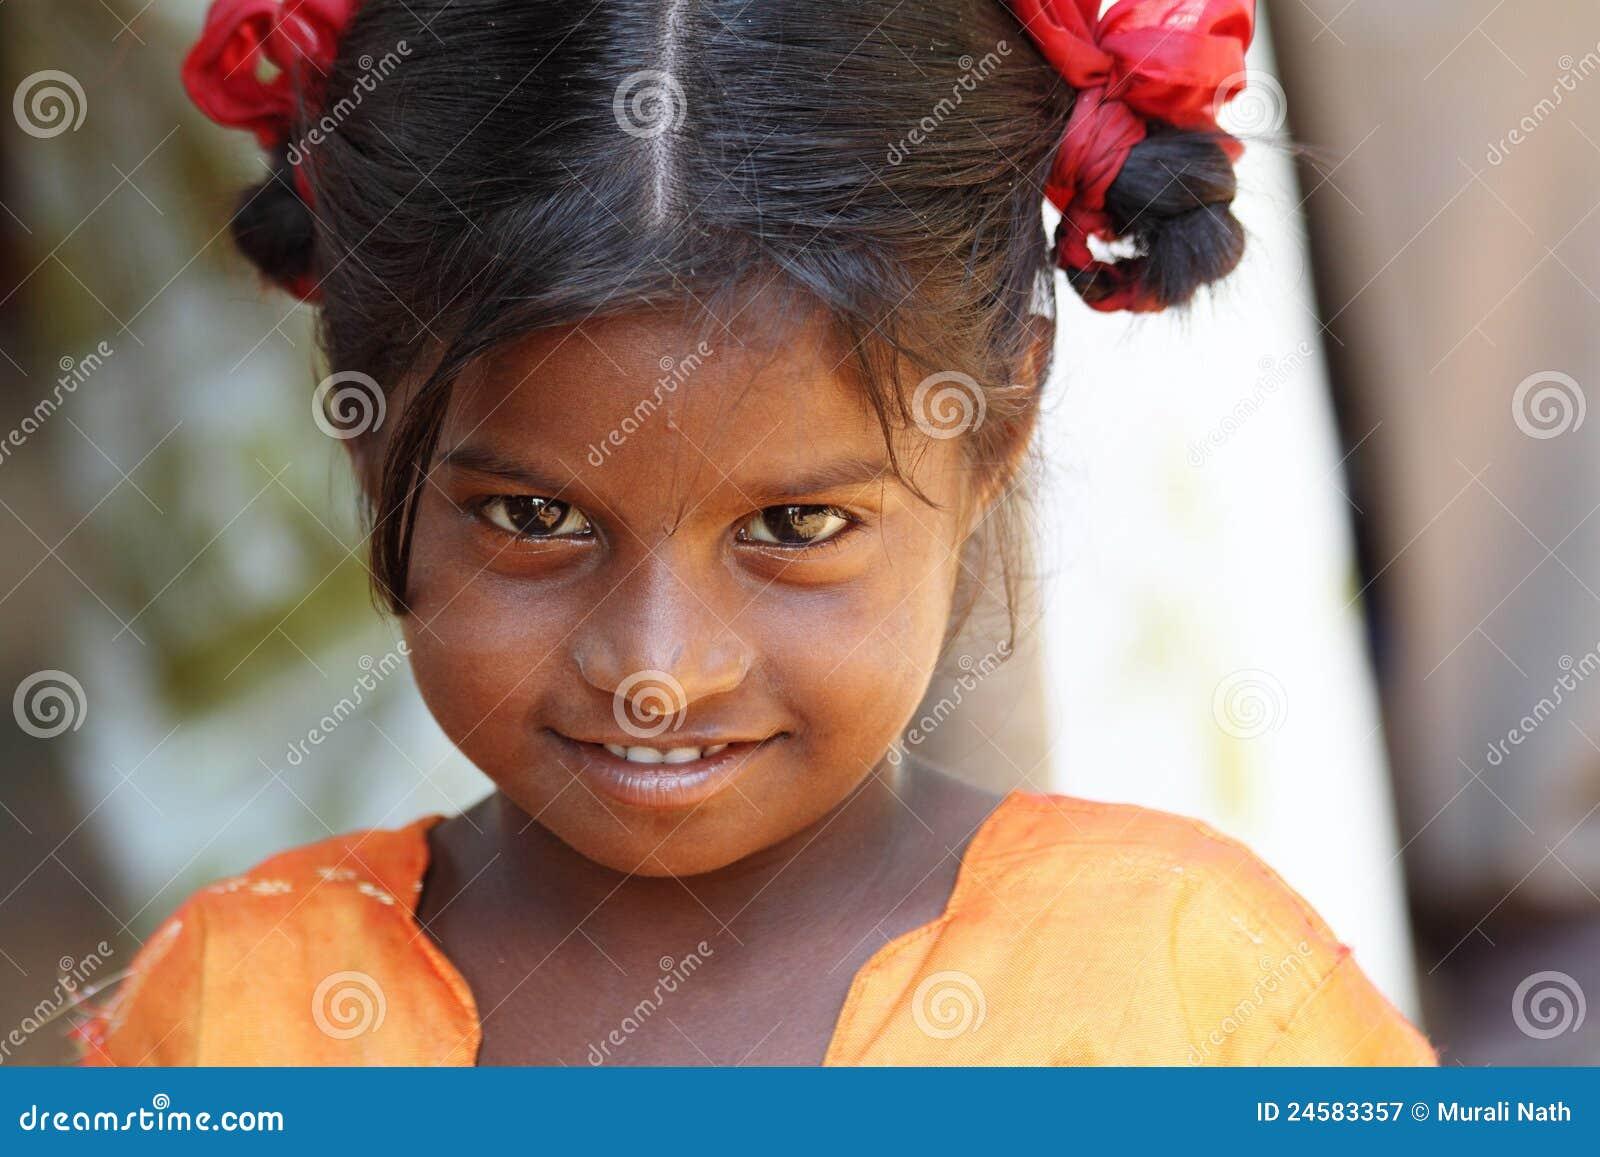 Indian webcam nude girls-5361